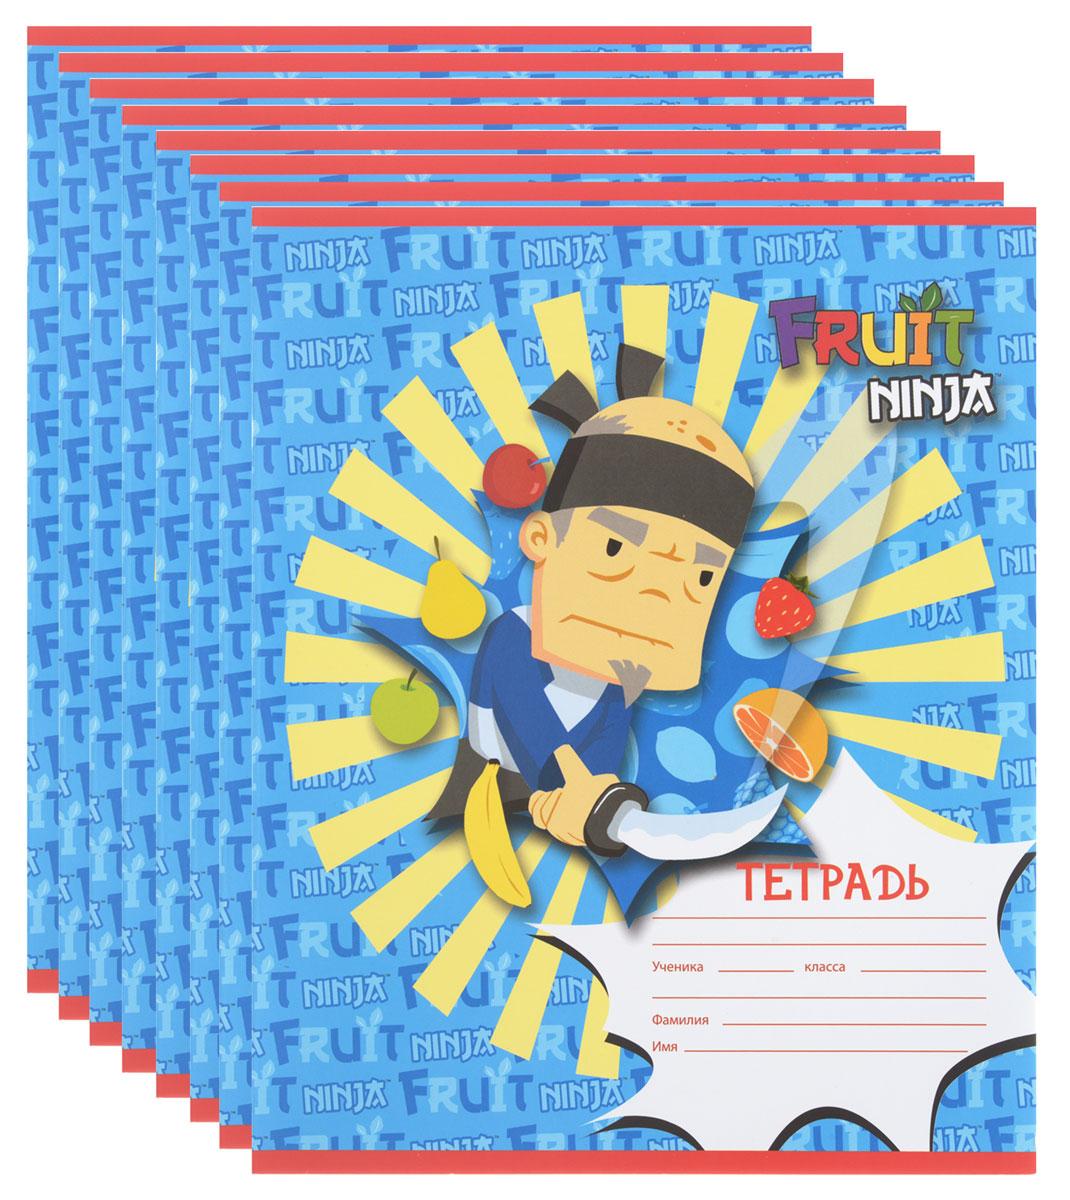 Action! Набор тетрадей Fruit Ninja 24 листа в клетку 8 шт цвет голубойFN-AN 2402/5_голубойНабор тетрадей Action! Fruit Ninja идеально подойдет для занятий школьнику или студенту. Обложка, выполненная из плотного картона, позволит сохранить тетрадь в аккуратном состоянии на протяжении всего времени использования. Обложка тетради оформлена красочным изображением с героями из игры Fruit Ninja. Внутренний блок состоит из 24 листов белой бумаги в фиолетовую клетку с полями. В комплекте 8 тетрадей.